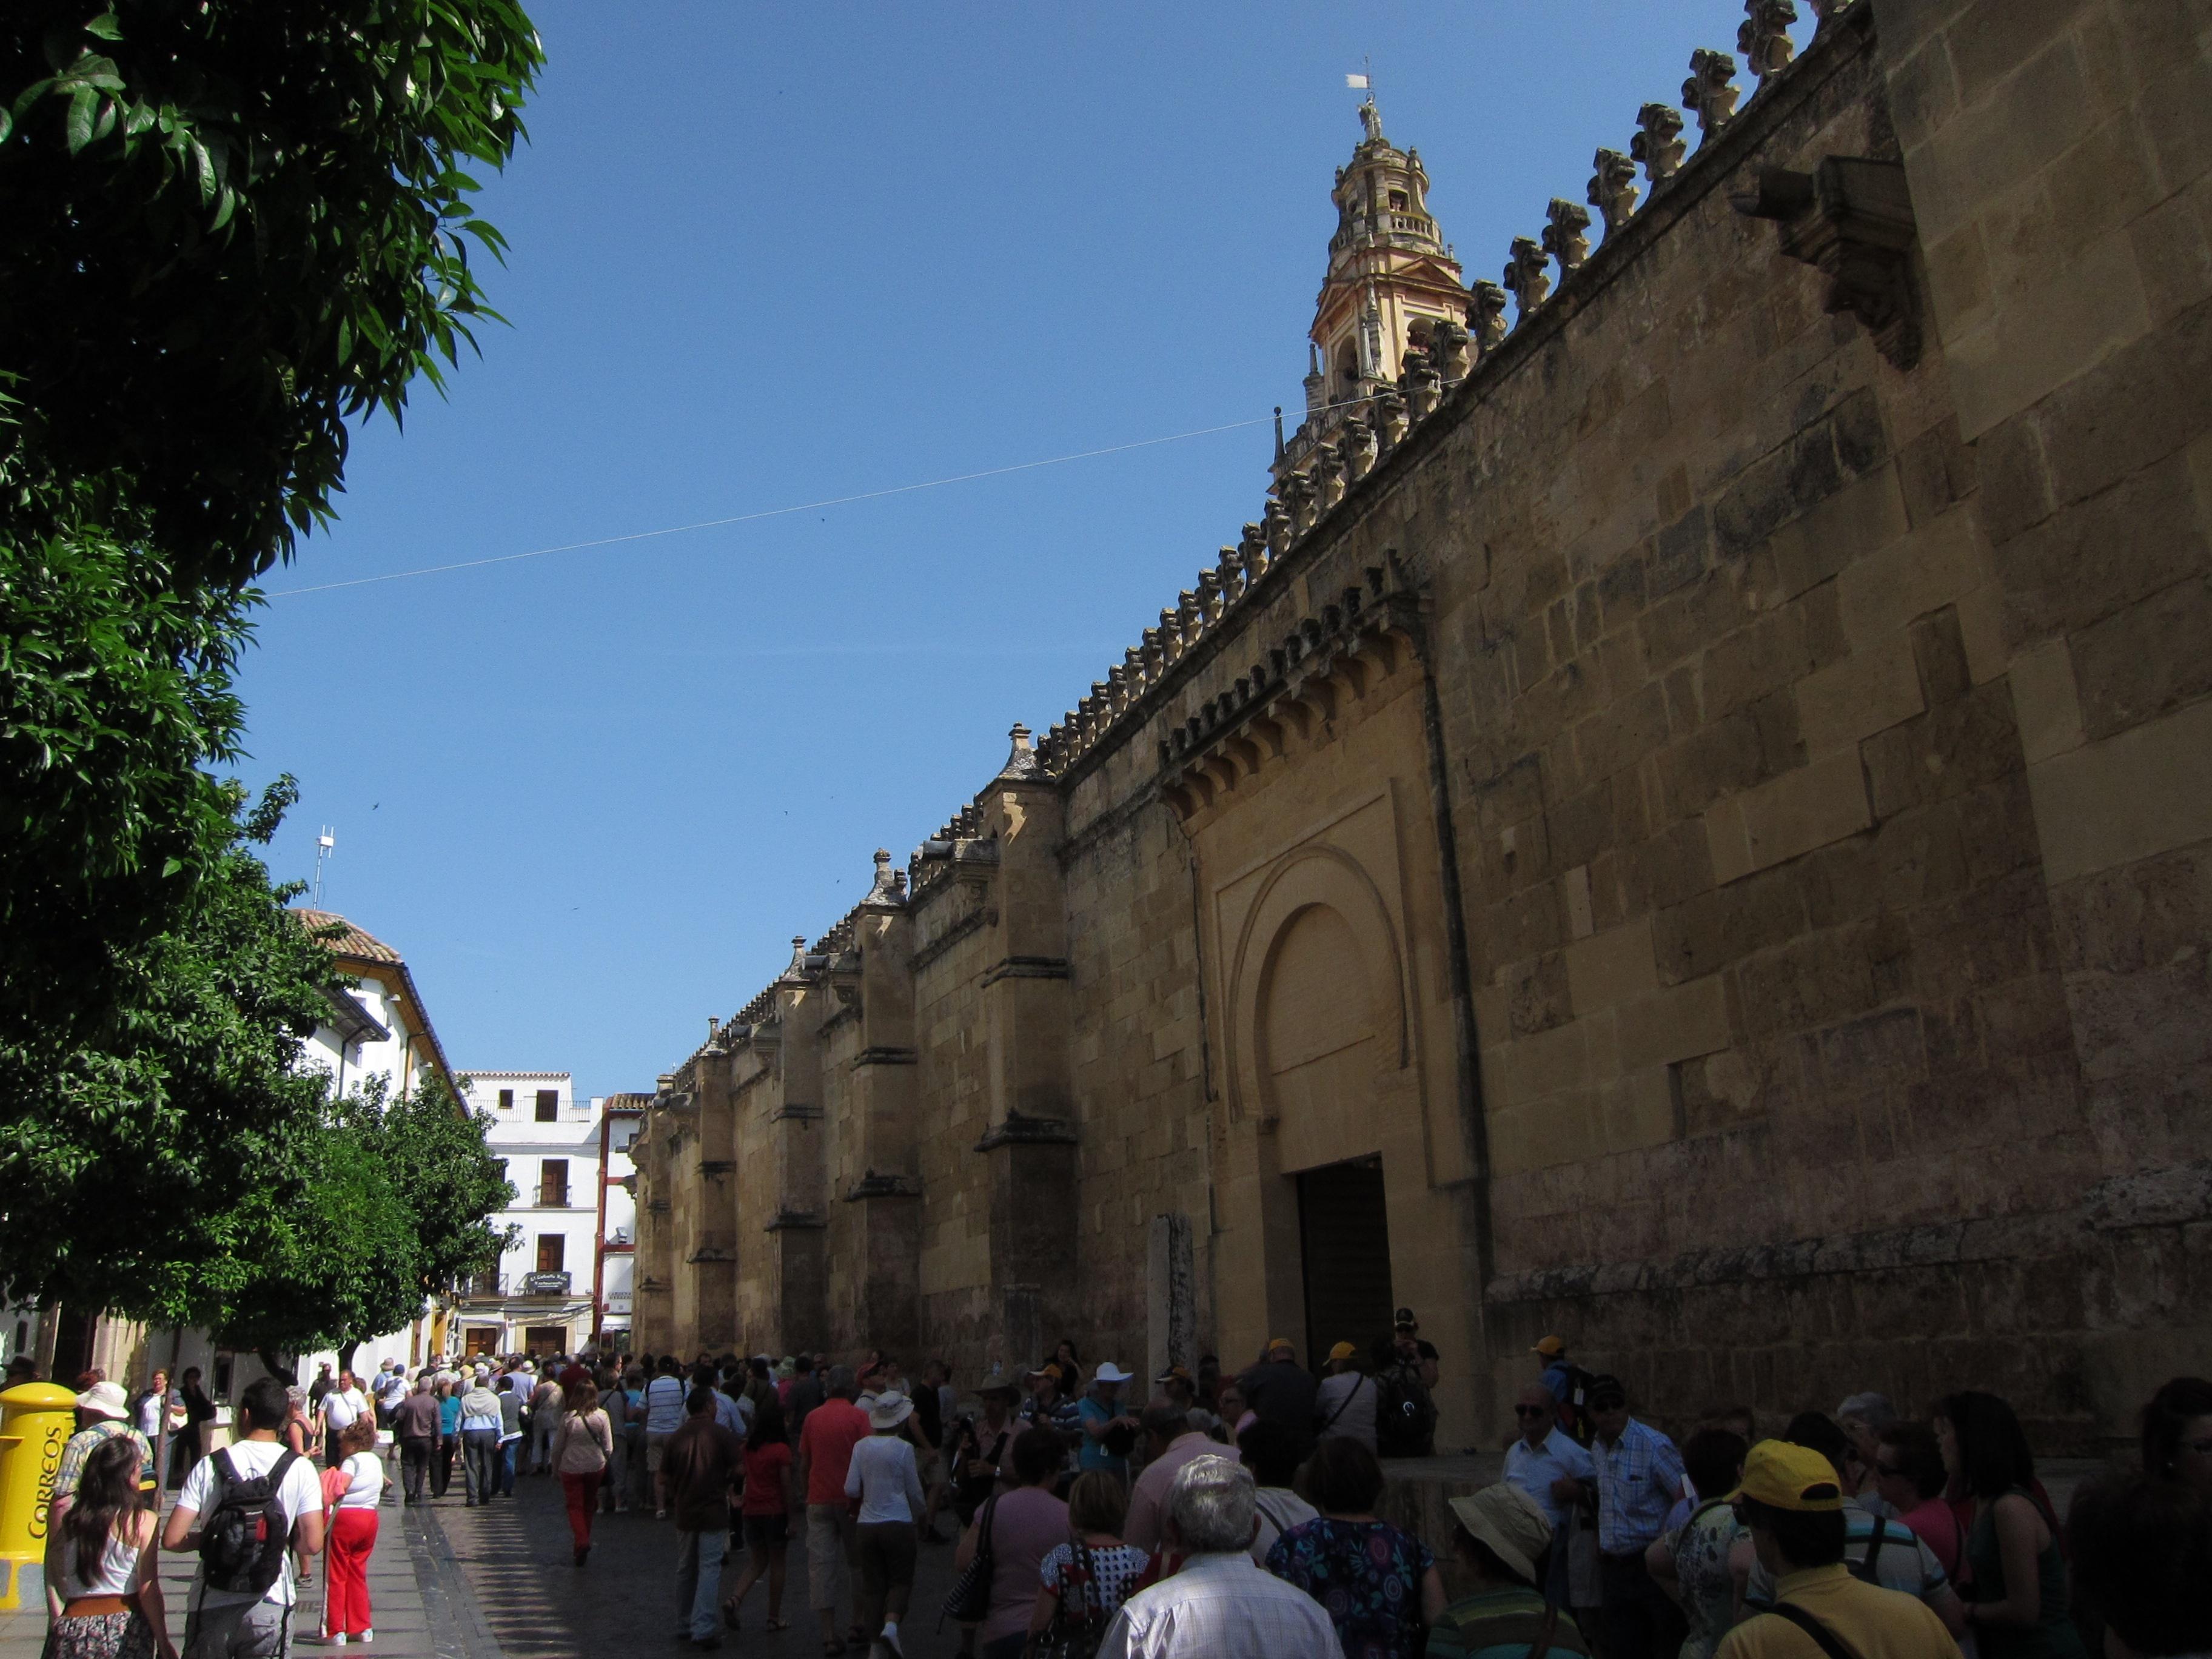 Aumentan un 16% los contratos en el sector turístico durante el segundo trimestre de 2013